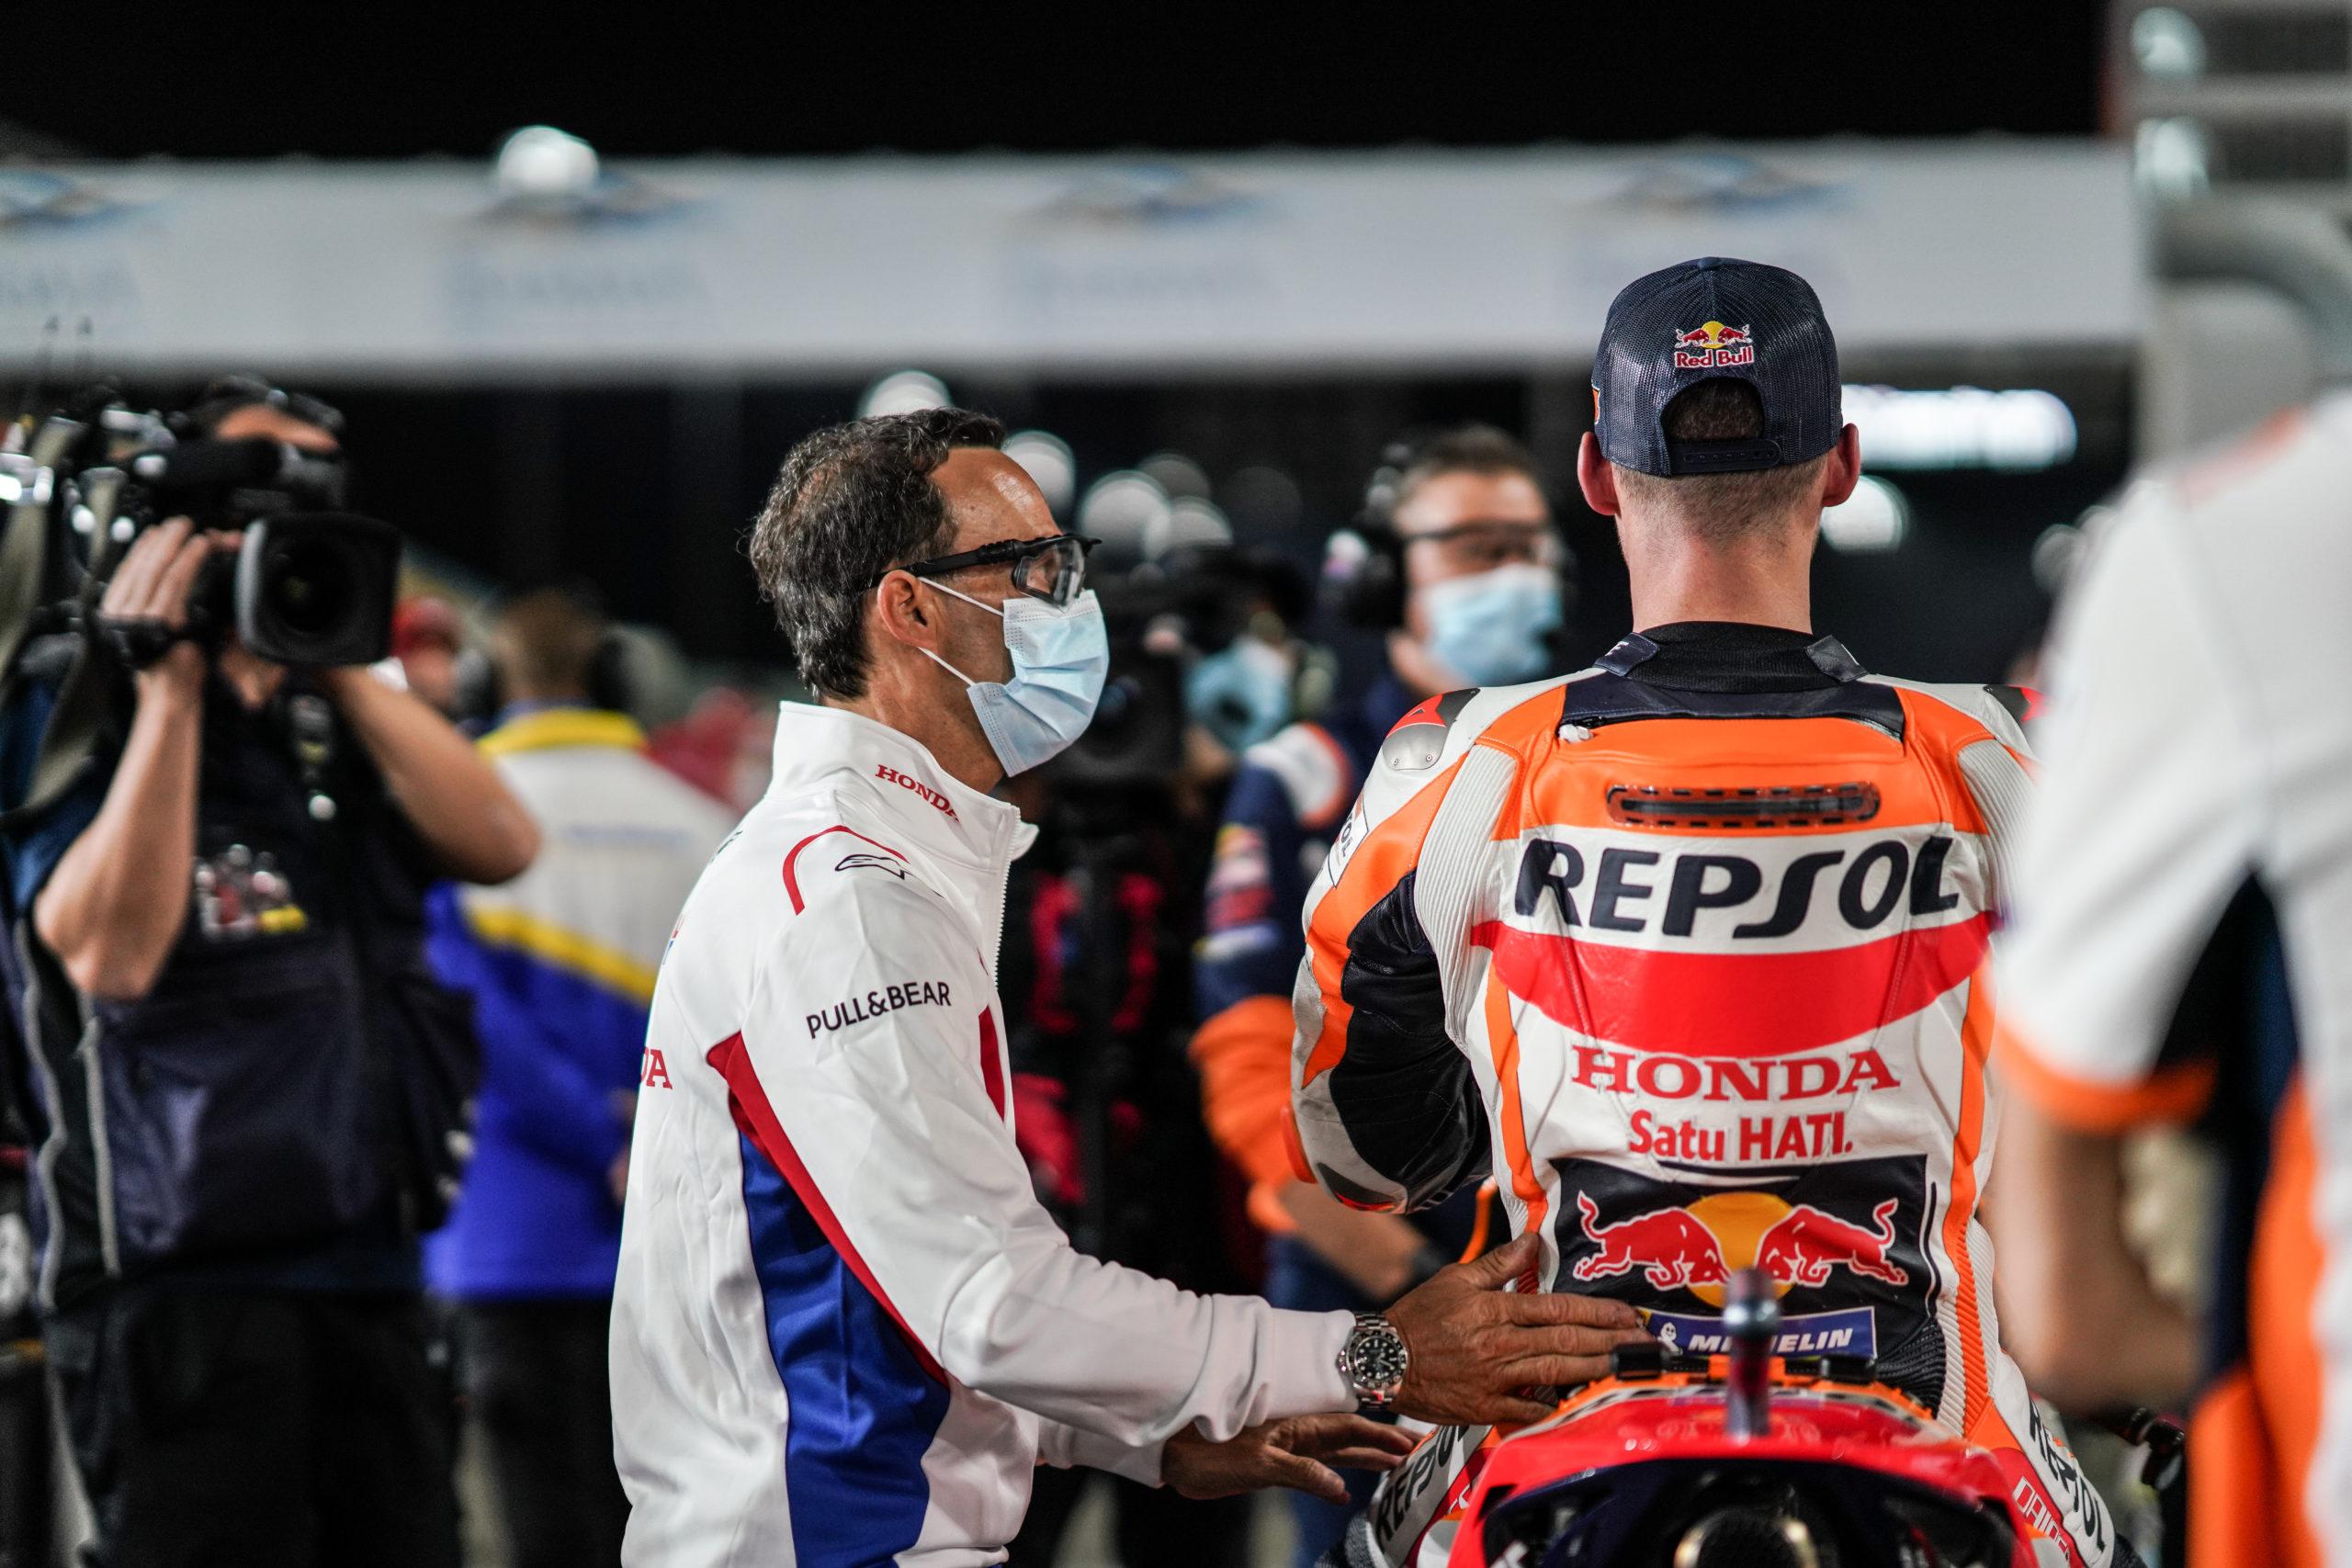 Pol Espargaro, Alberto Puig, Repsol Honda Team, Qatar MotoGP